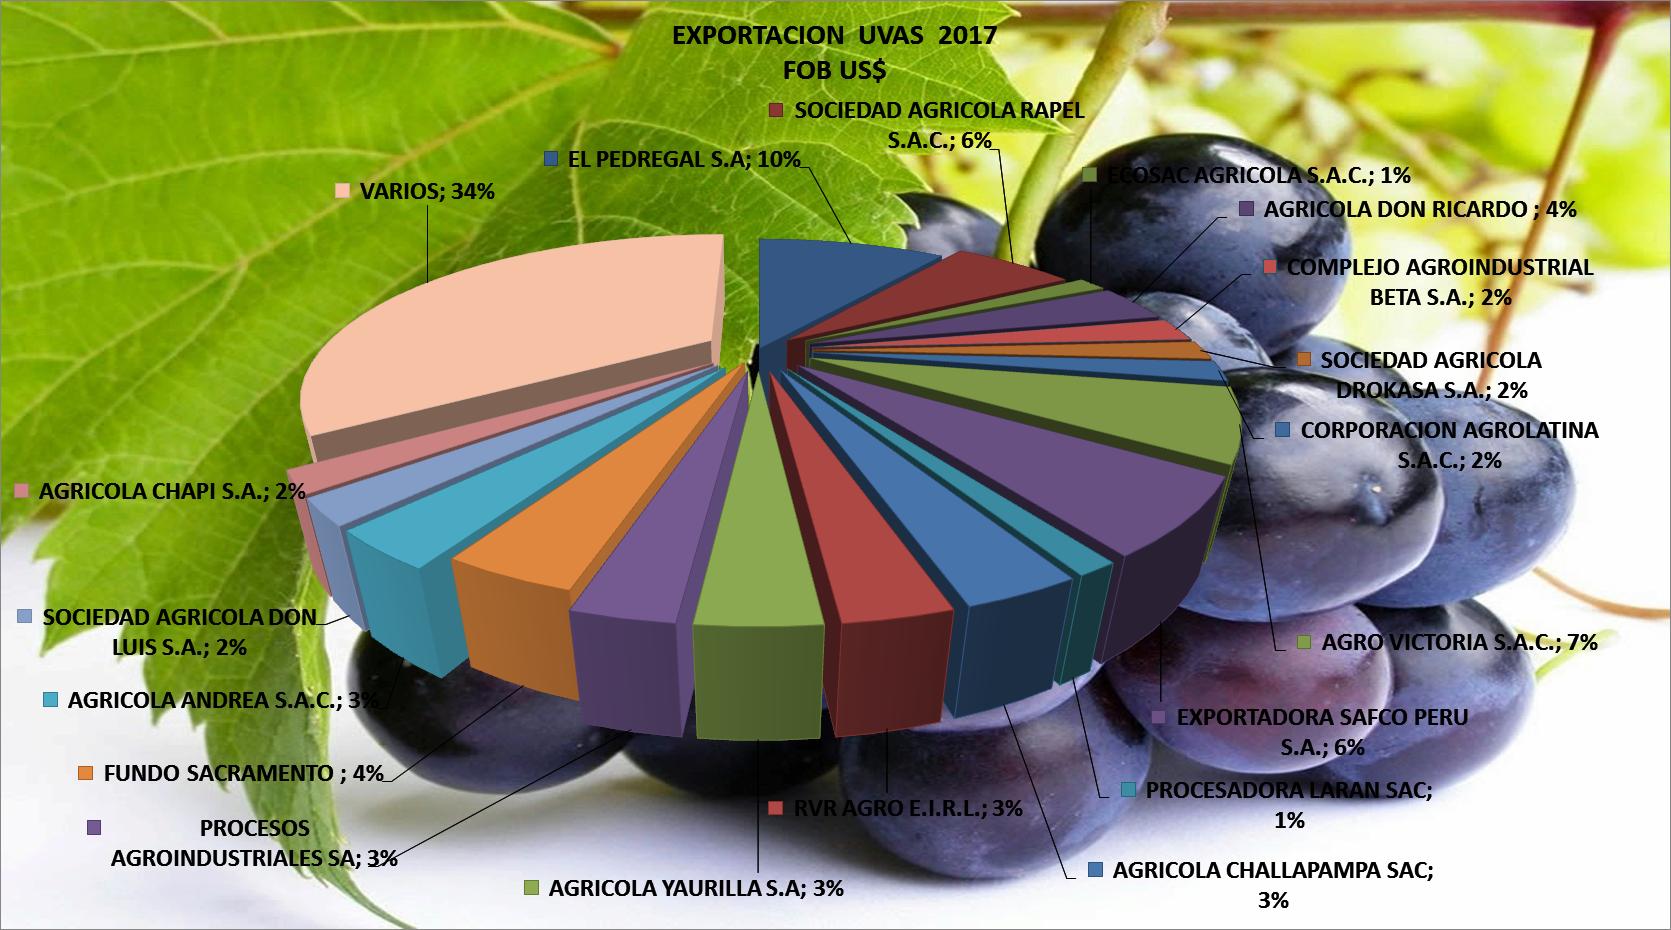 Uvas Perú Exportación 2017 Marzo